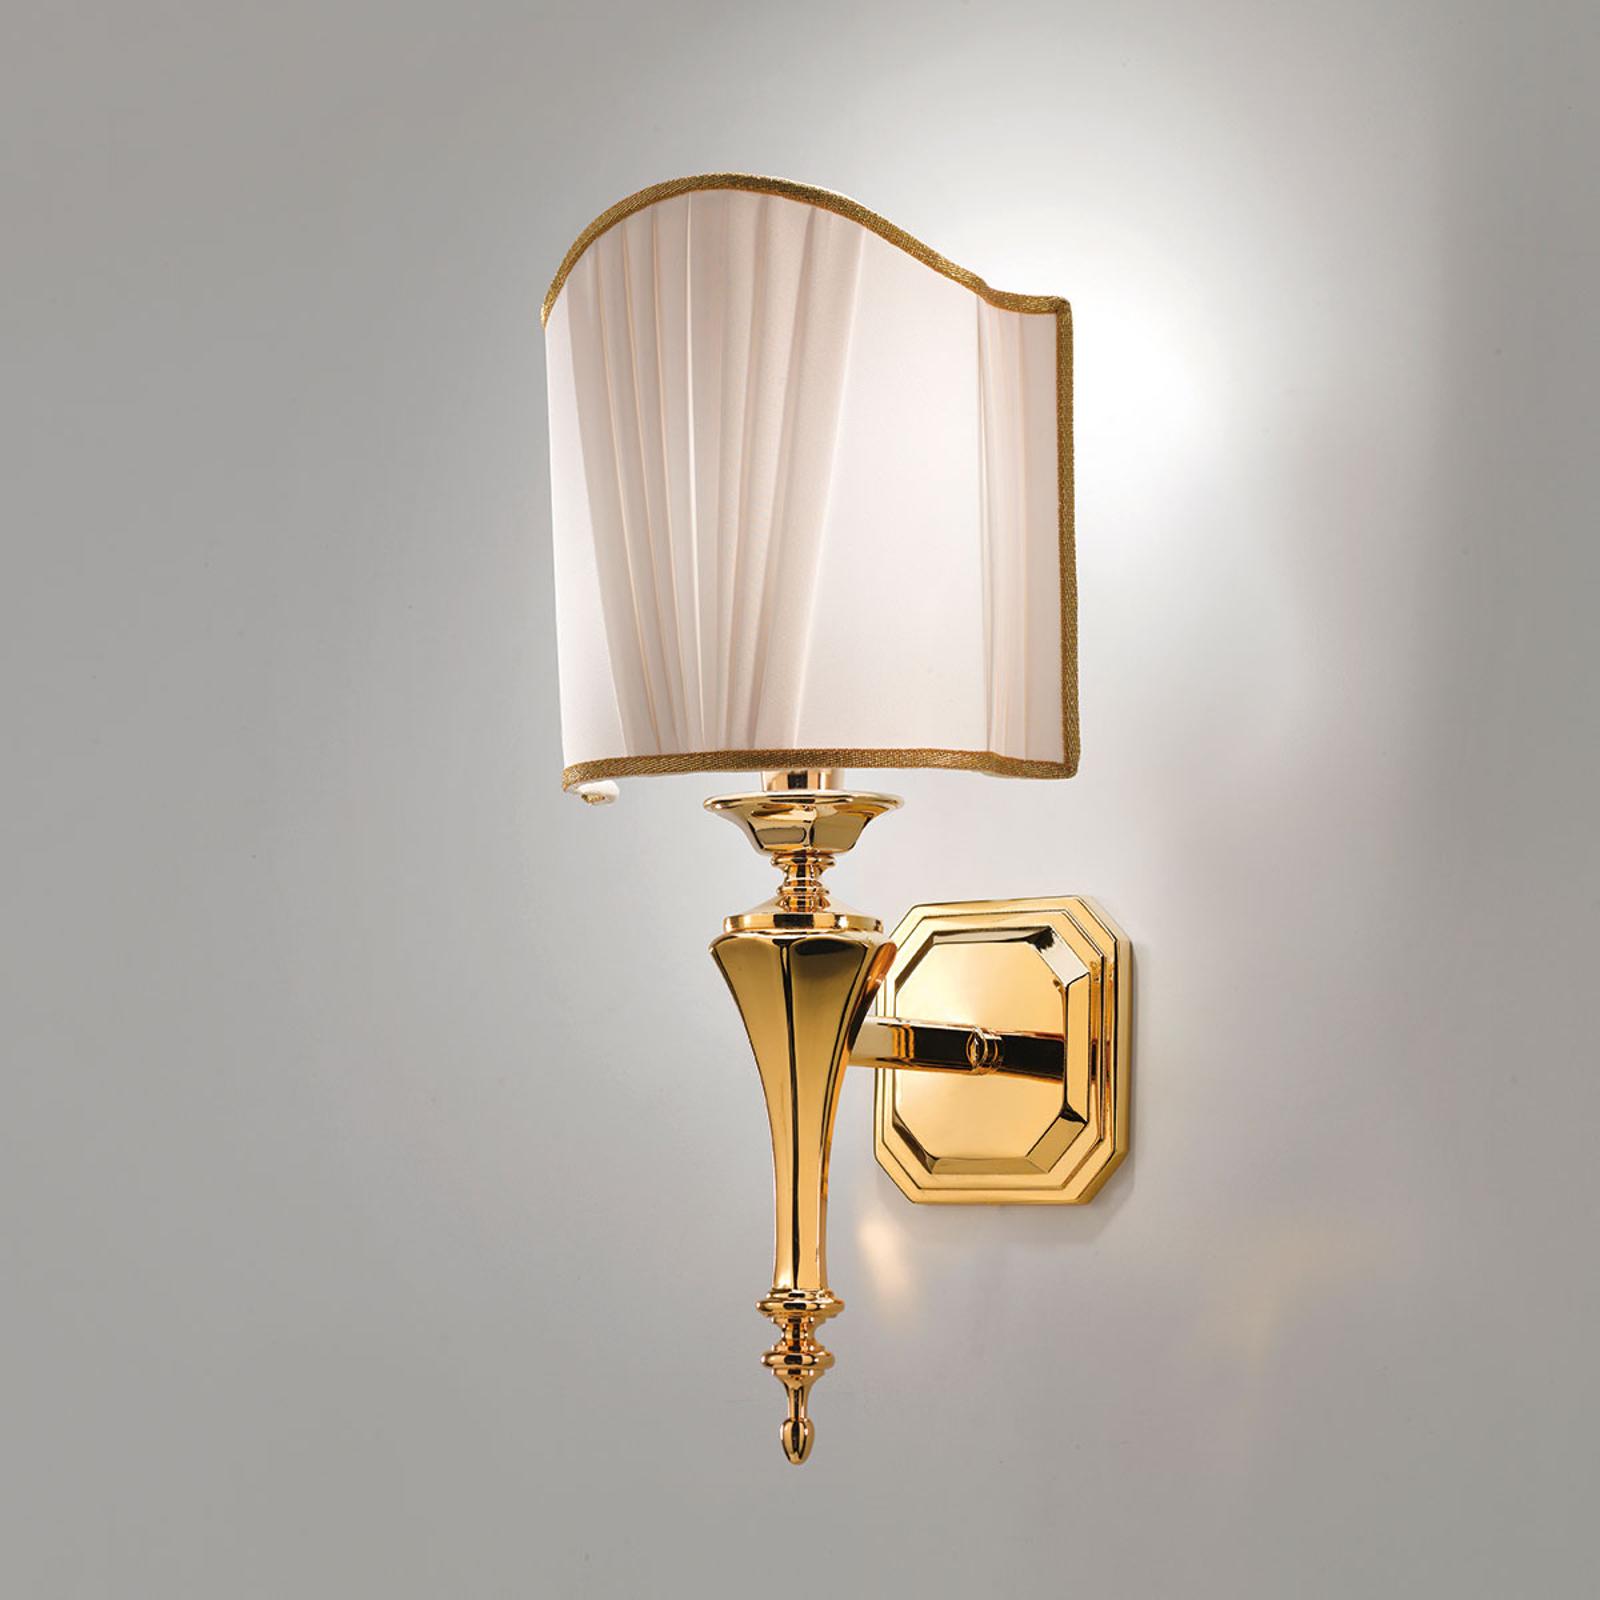 Belle Epoque aplique elegante de color dorado